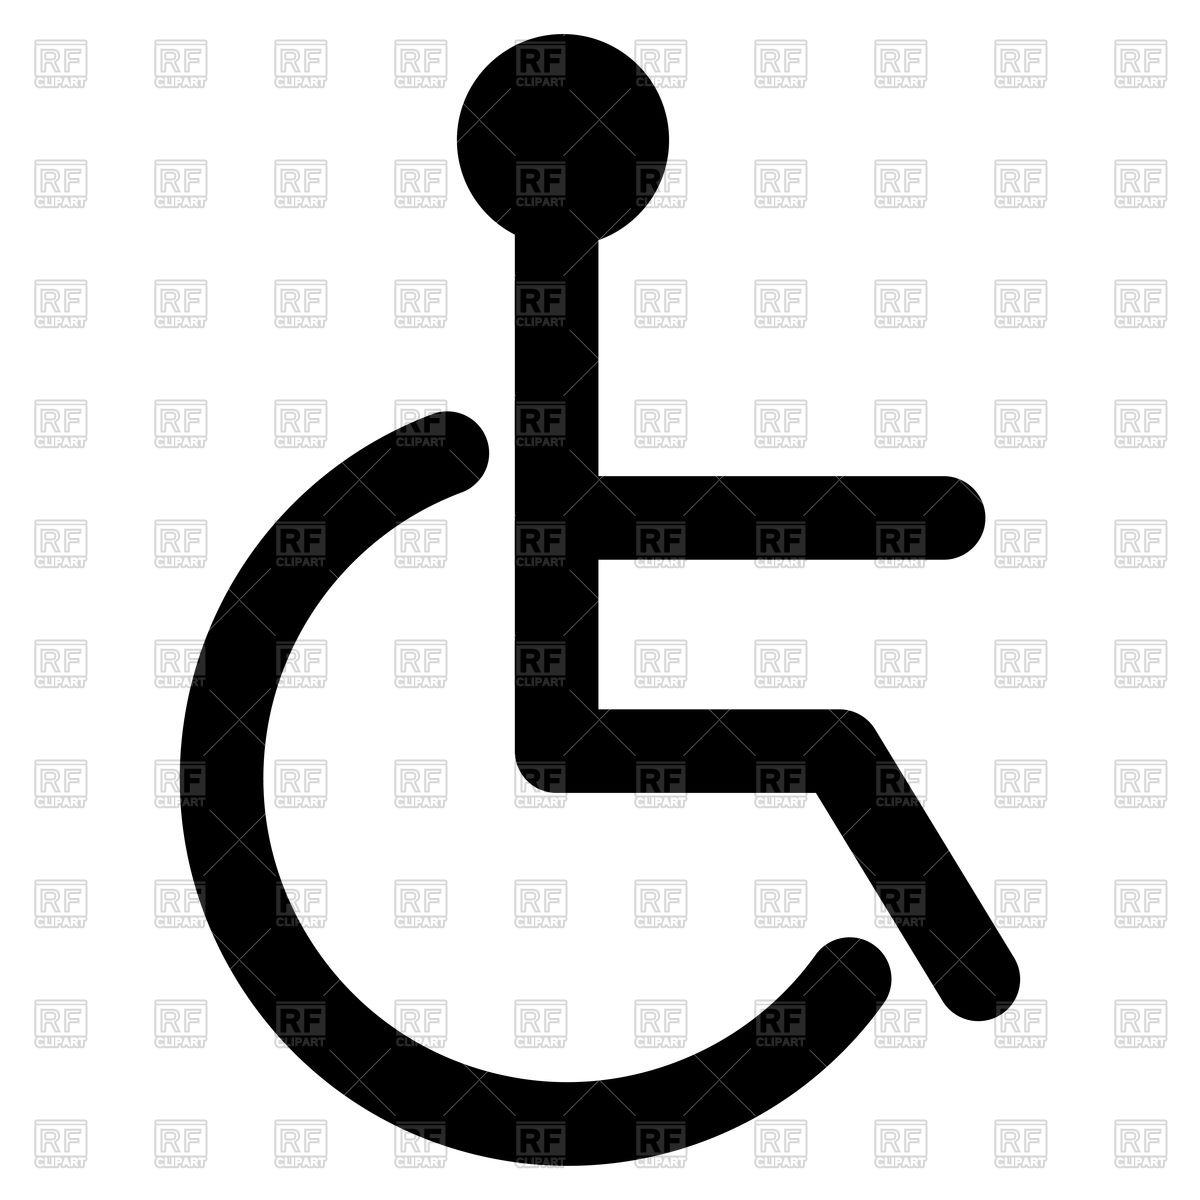 1200x1200 Handicap Reimbursement